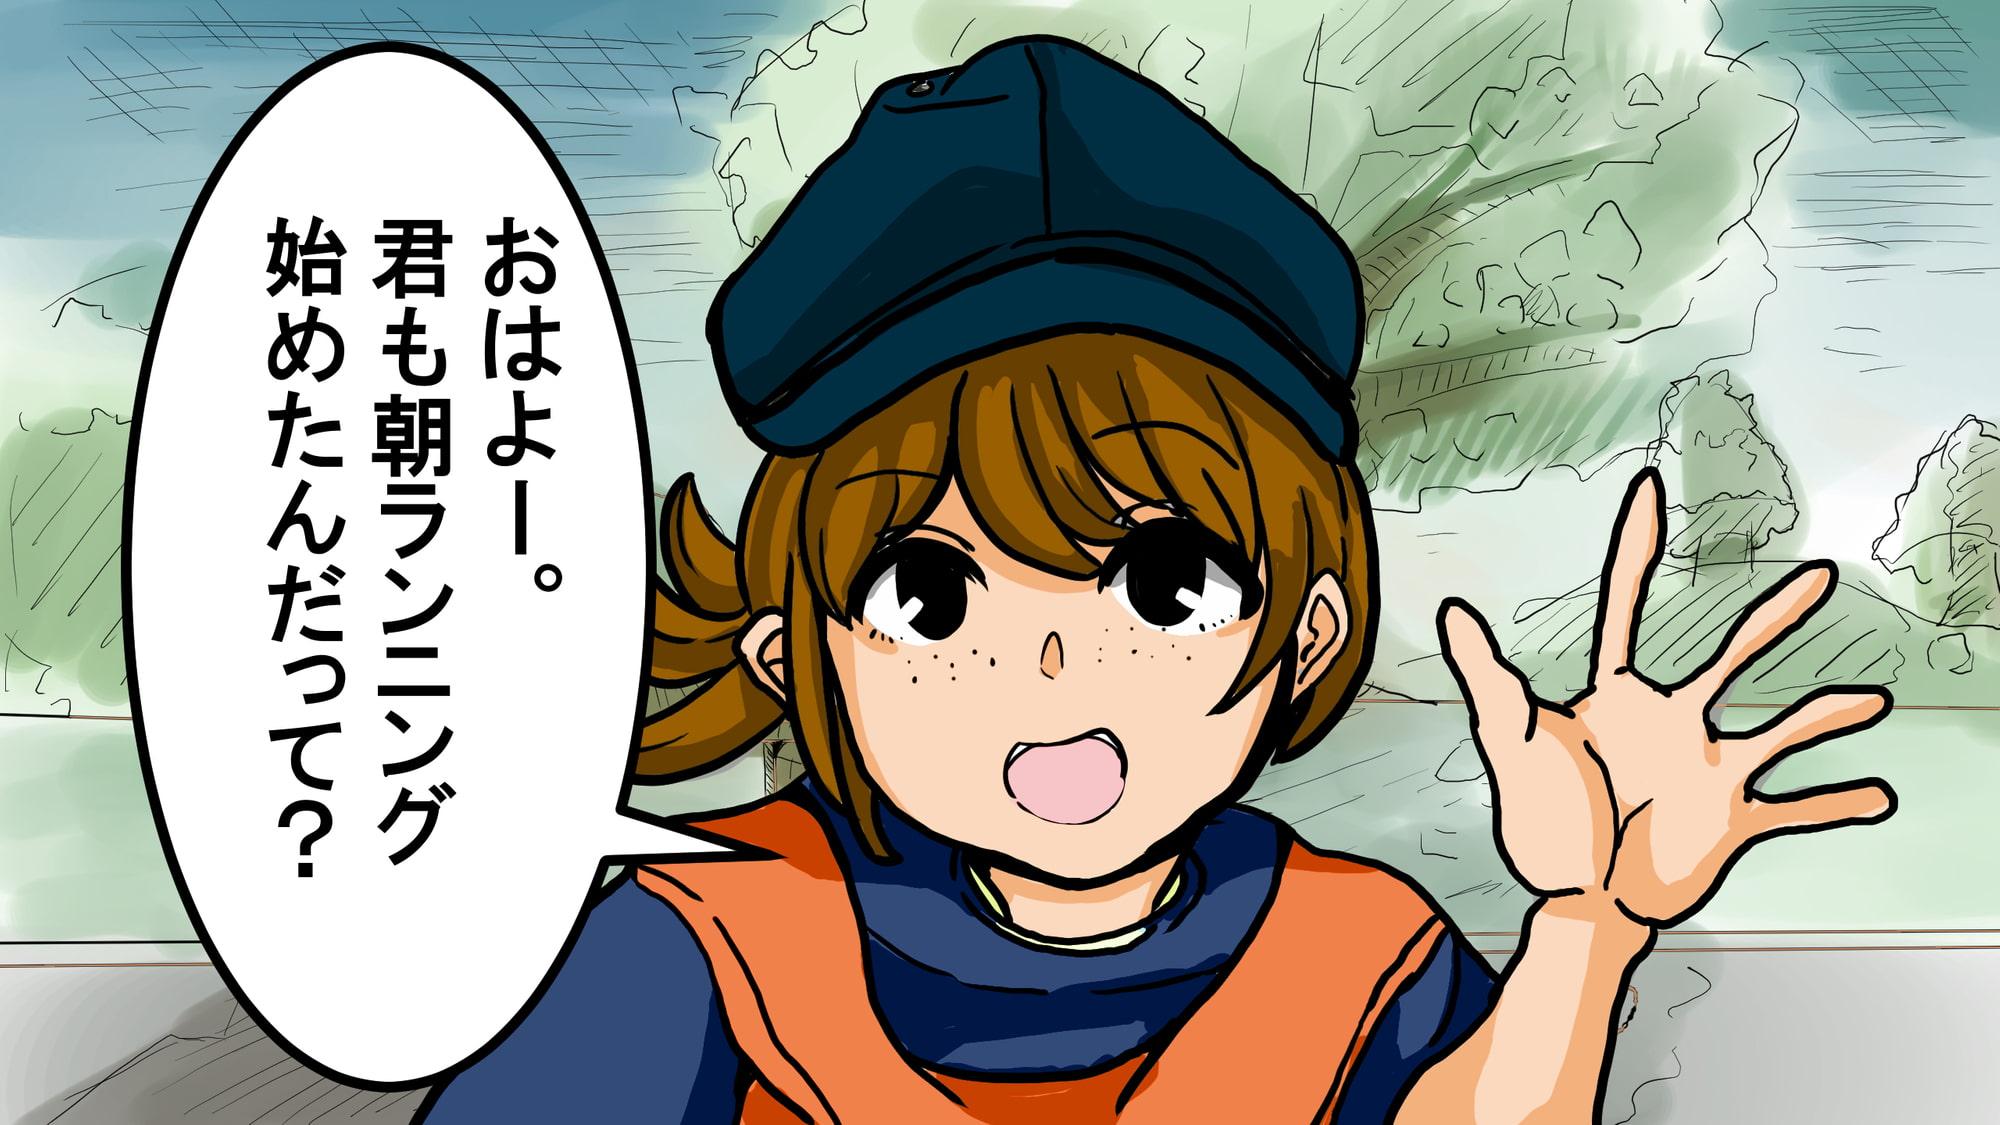 RJ324690 朝活女子 公園でフェラ活 [20210421]